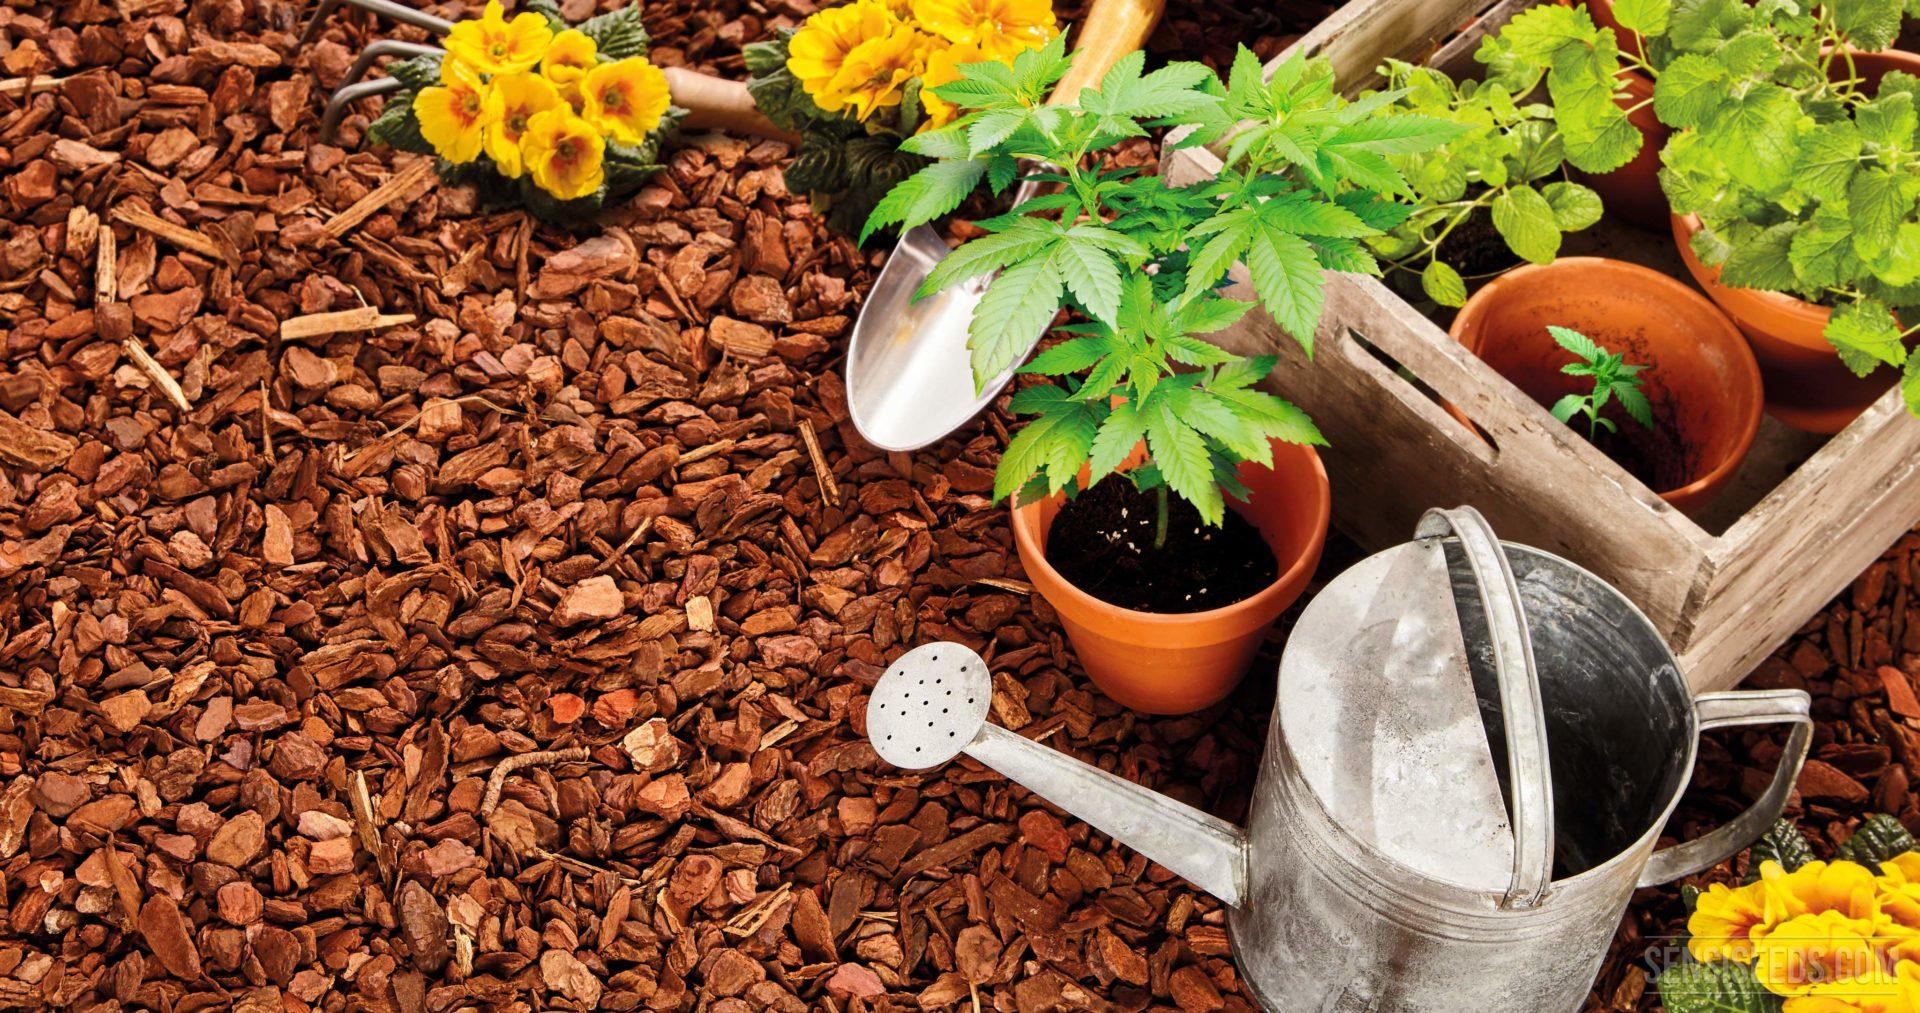 Asociaci n de cultivos para el cannabis sensi seeds for Que es la asociacion de cultivos